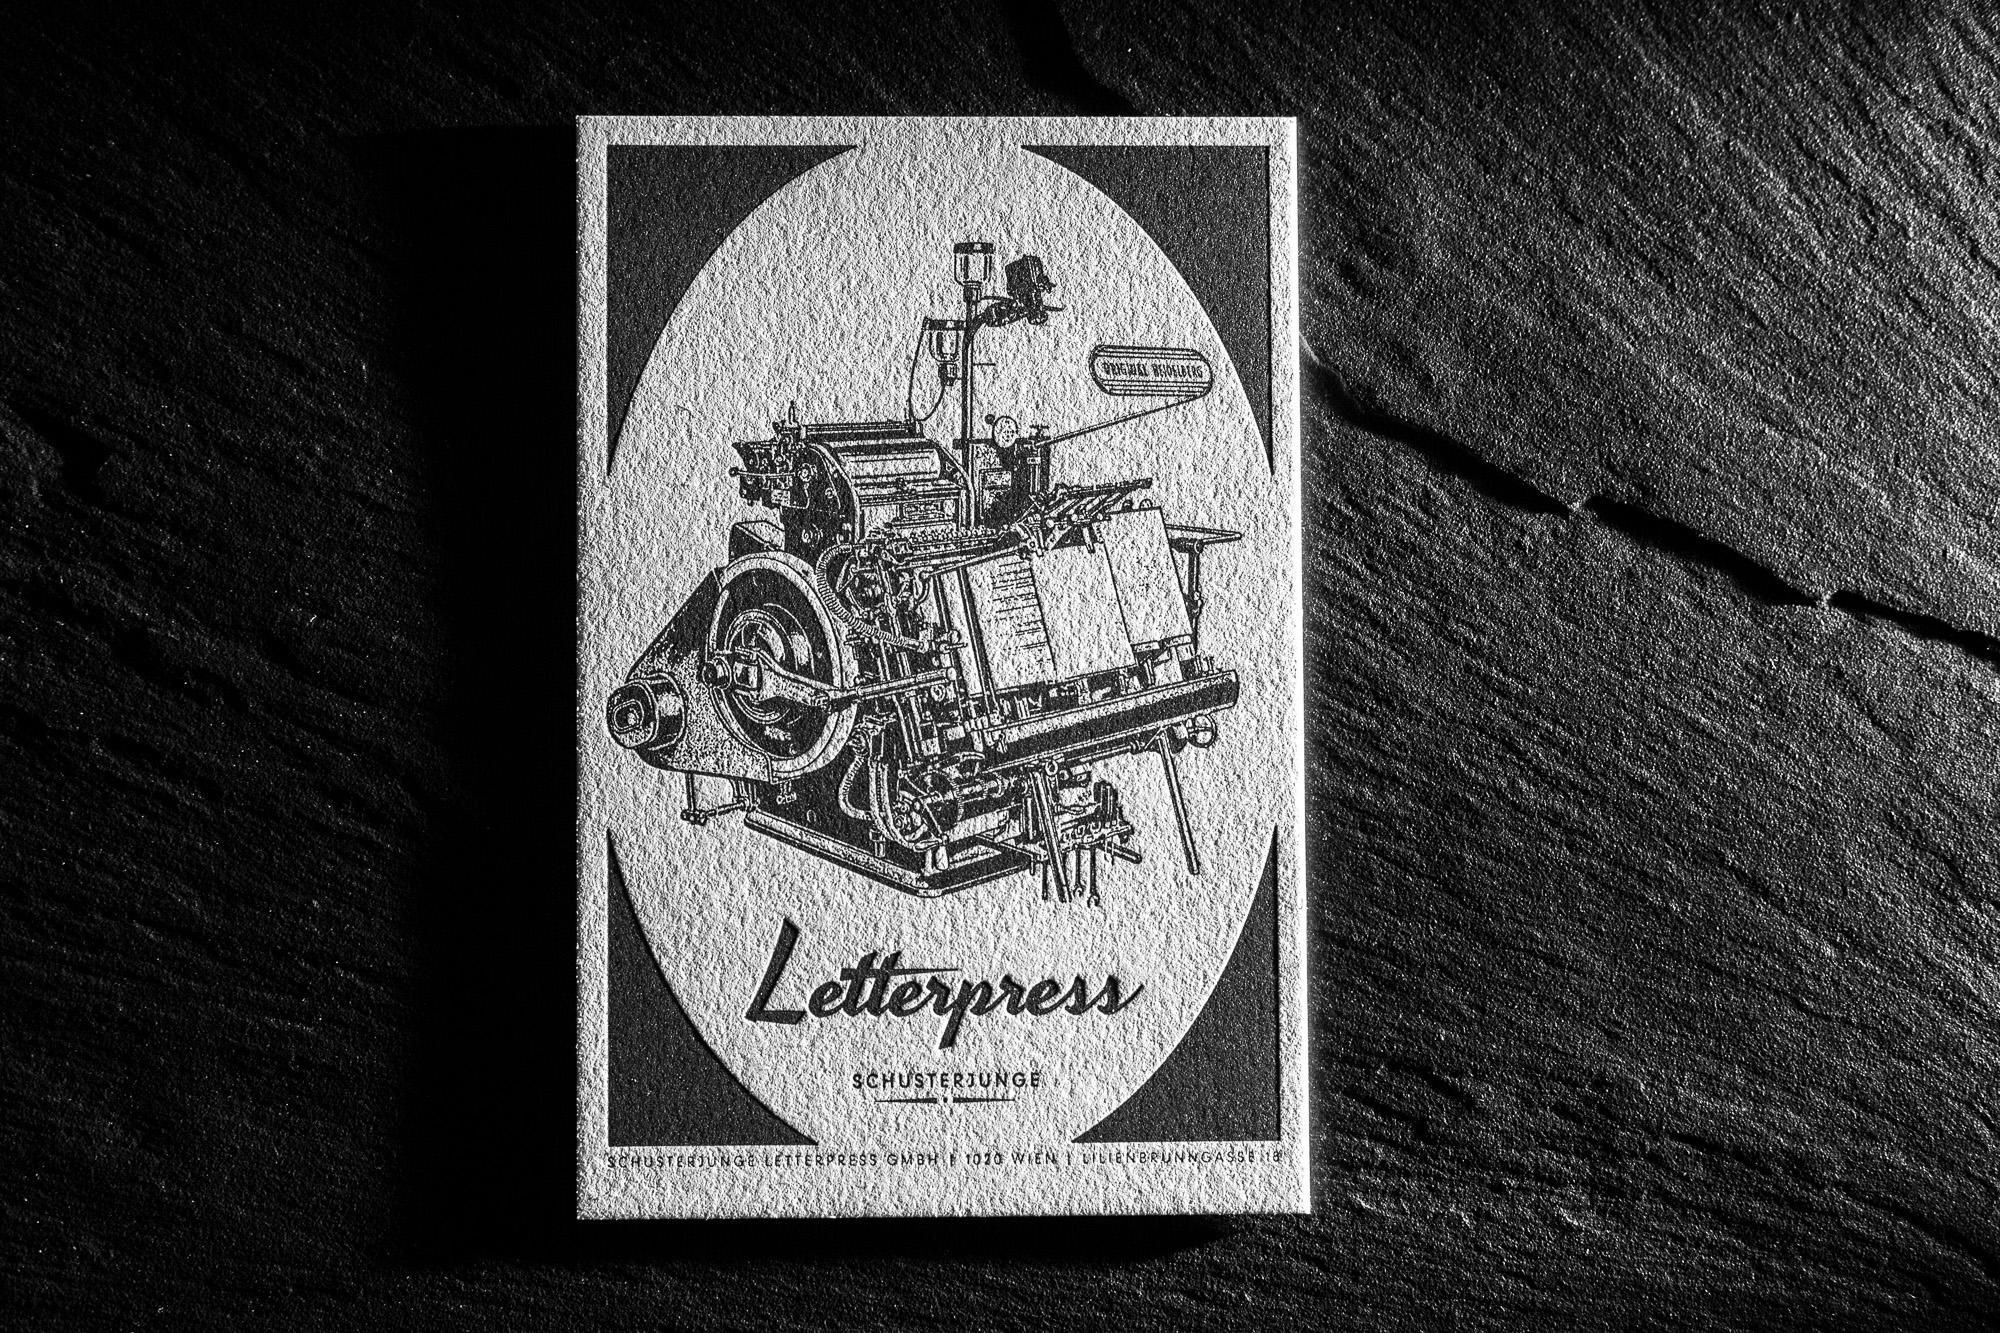 Schusterjunge Schusterjunge Letterpress